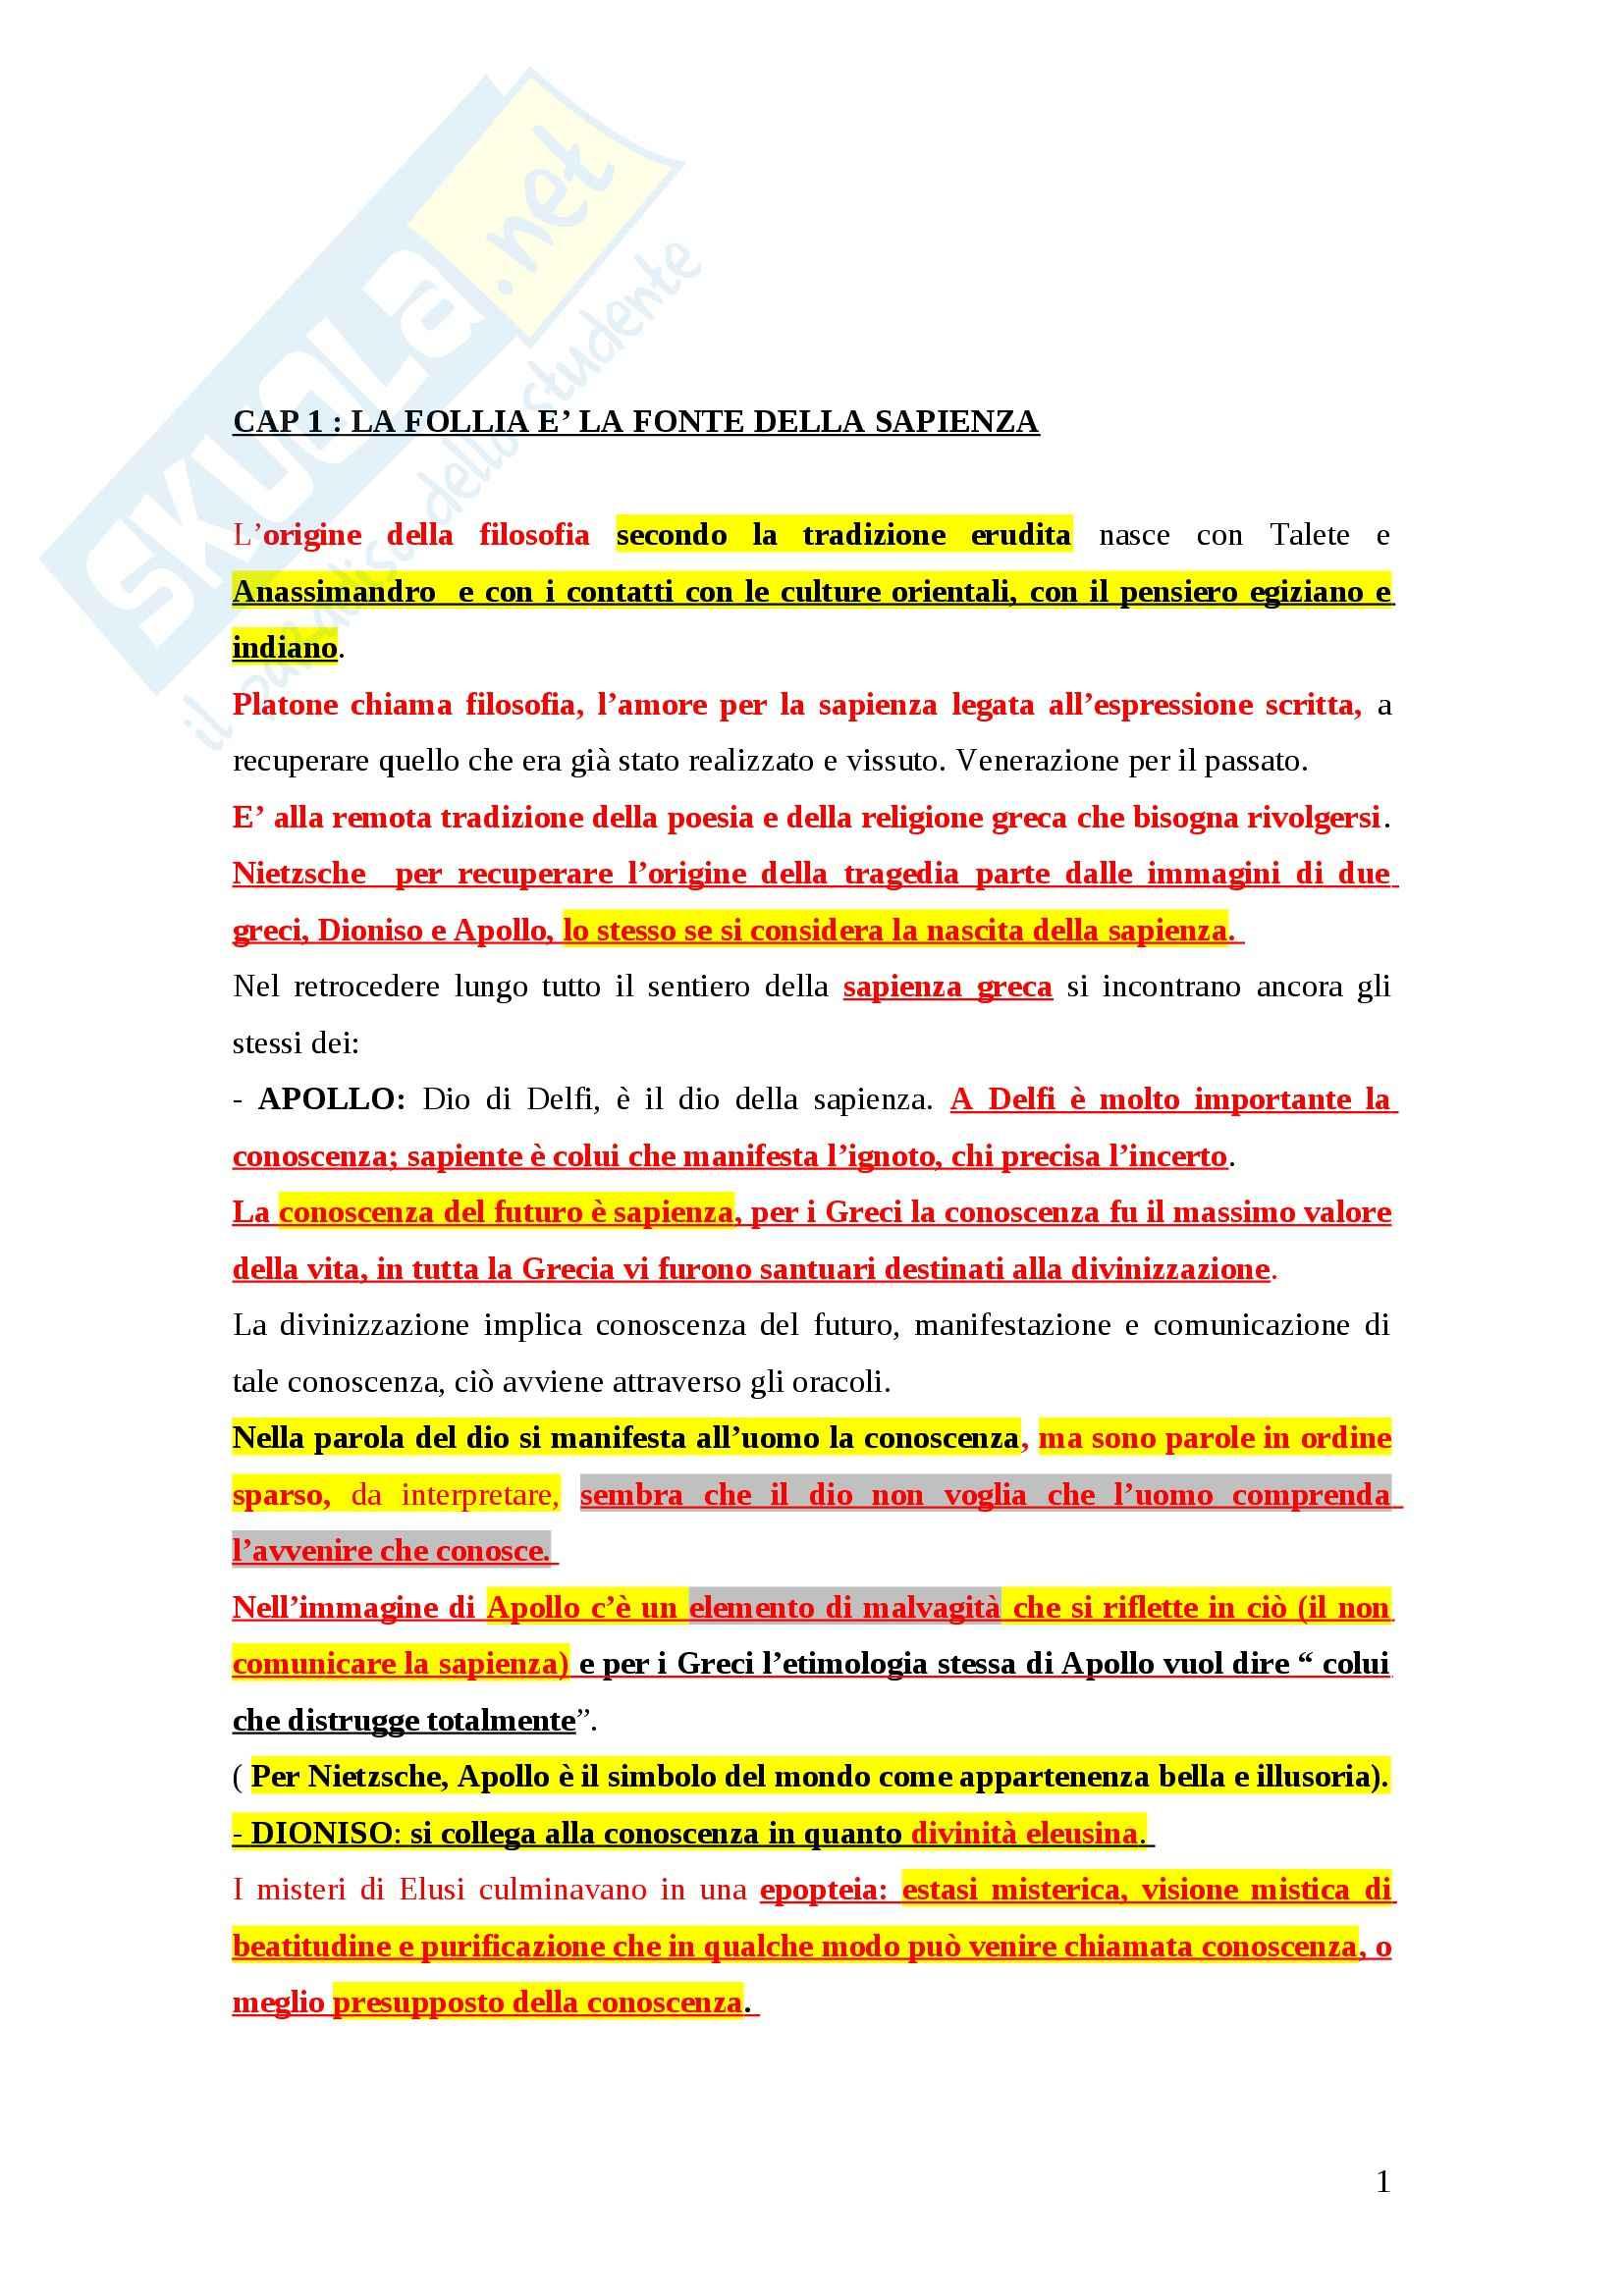 Riassunto esame Storia della filosofia, prof. Fornari, libro consigliato La nuova filosofia, Colli